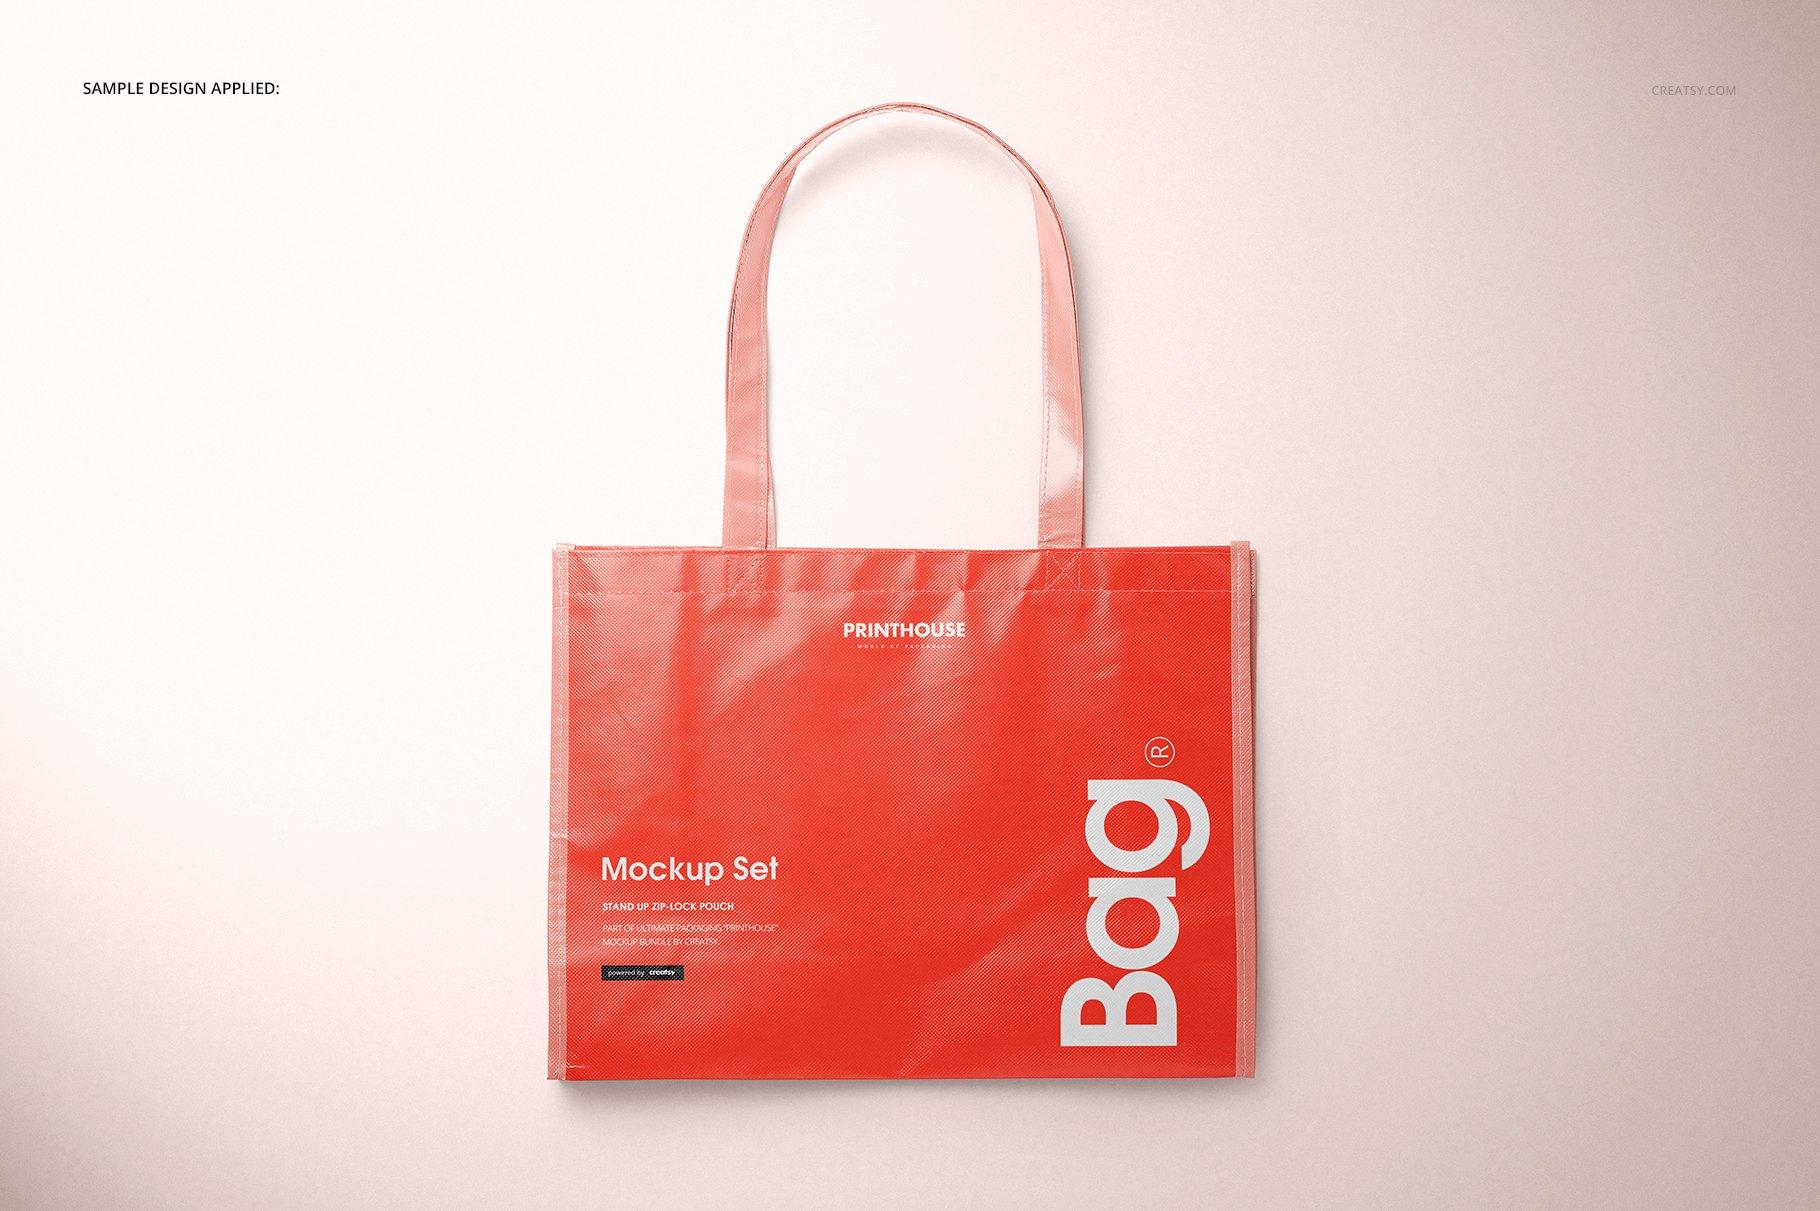 层压光面无纺布购物手提袋设计贴图样机模板套装 Laminated Non-Woven Tote Bag Mockups插图(6)